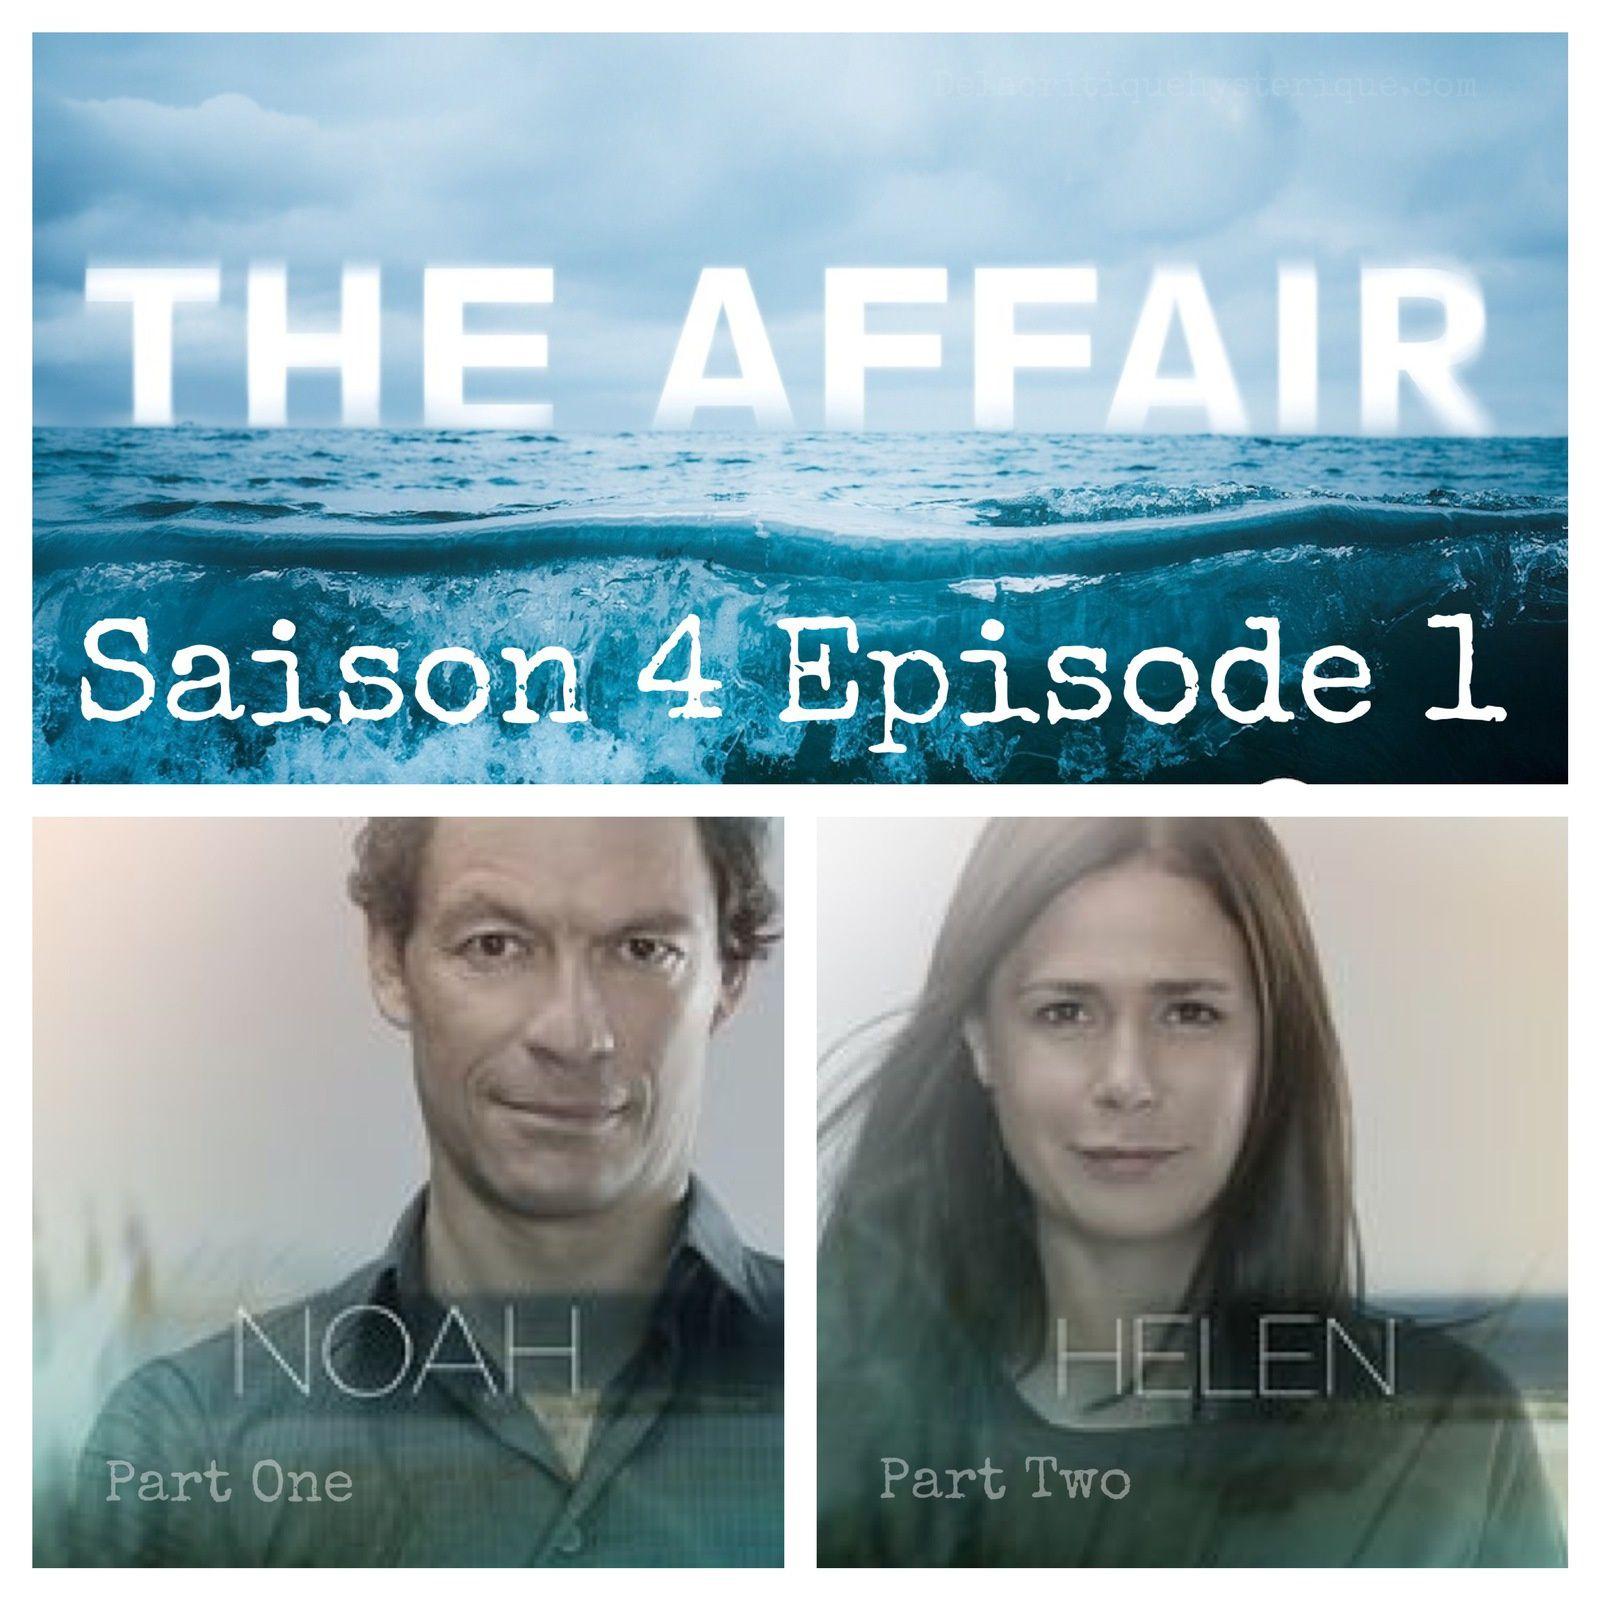 THE AFFAIR, Saison 4 Episode 1, 1ère partie [résumé]